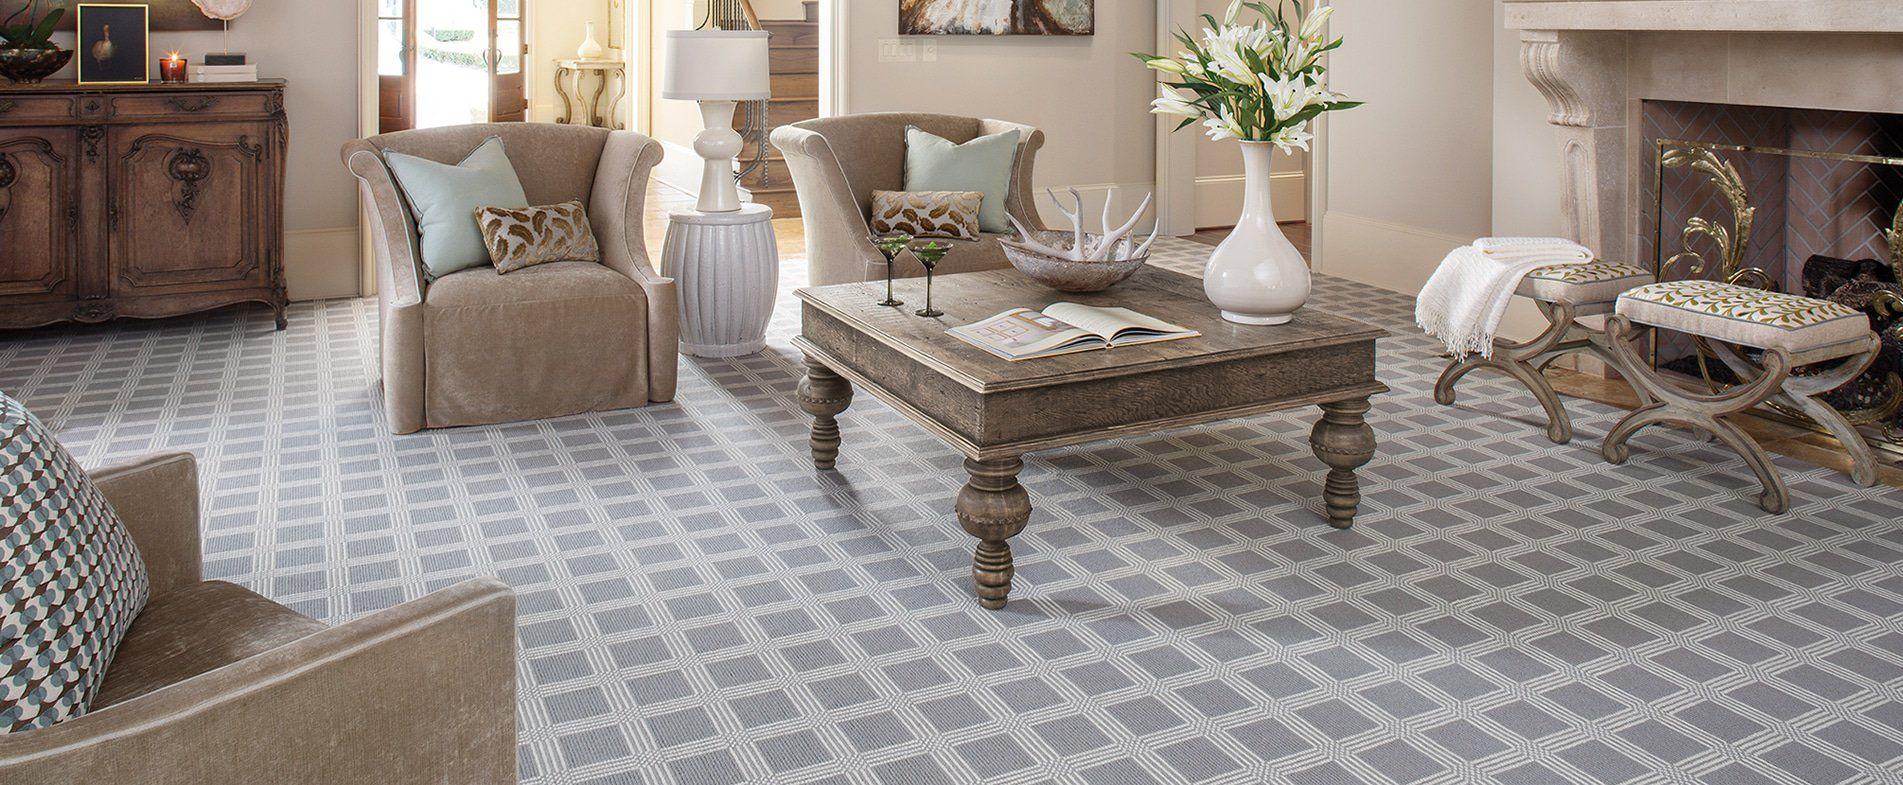 Hardwood Flooring Trends Flooring Trends Flooring Types Of Carpet